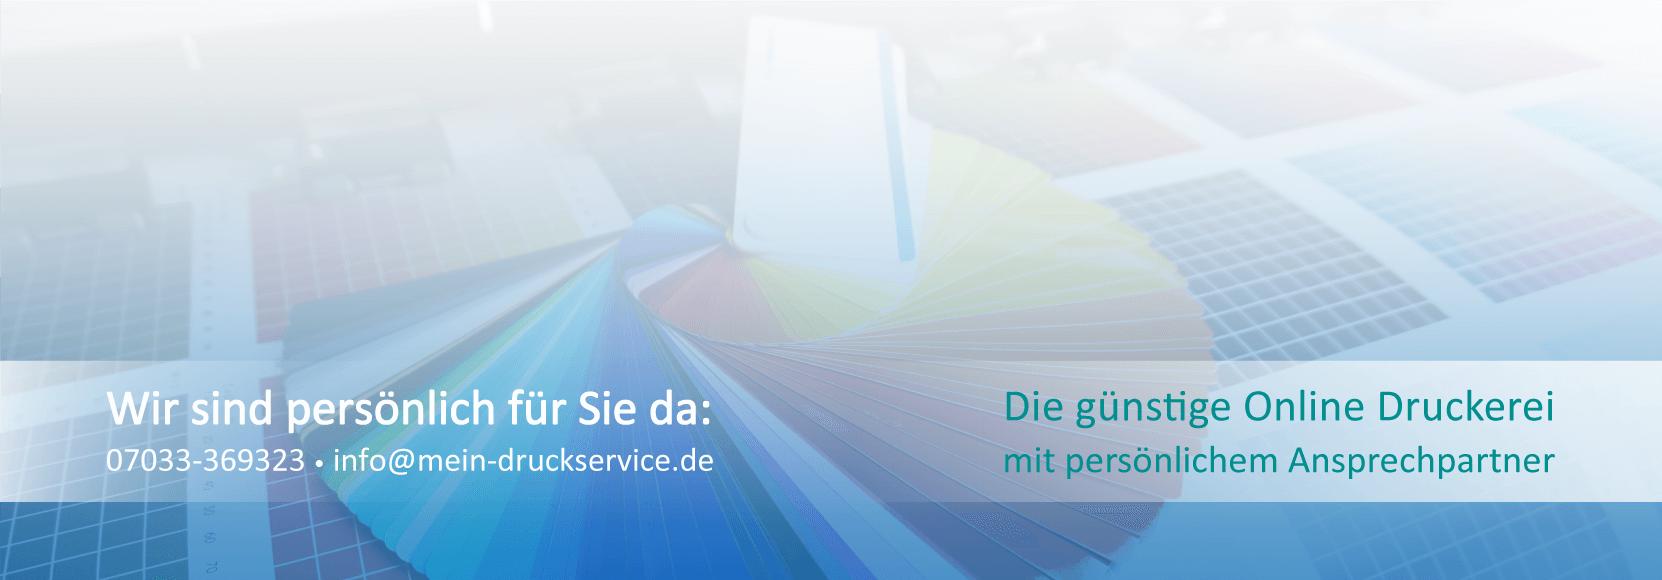 Mein Druckservice De Ihre Online Druckerei In Leonberg